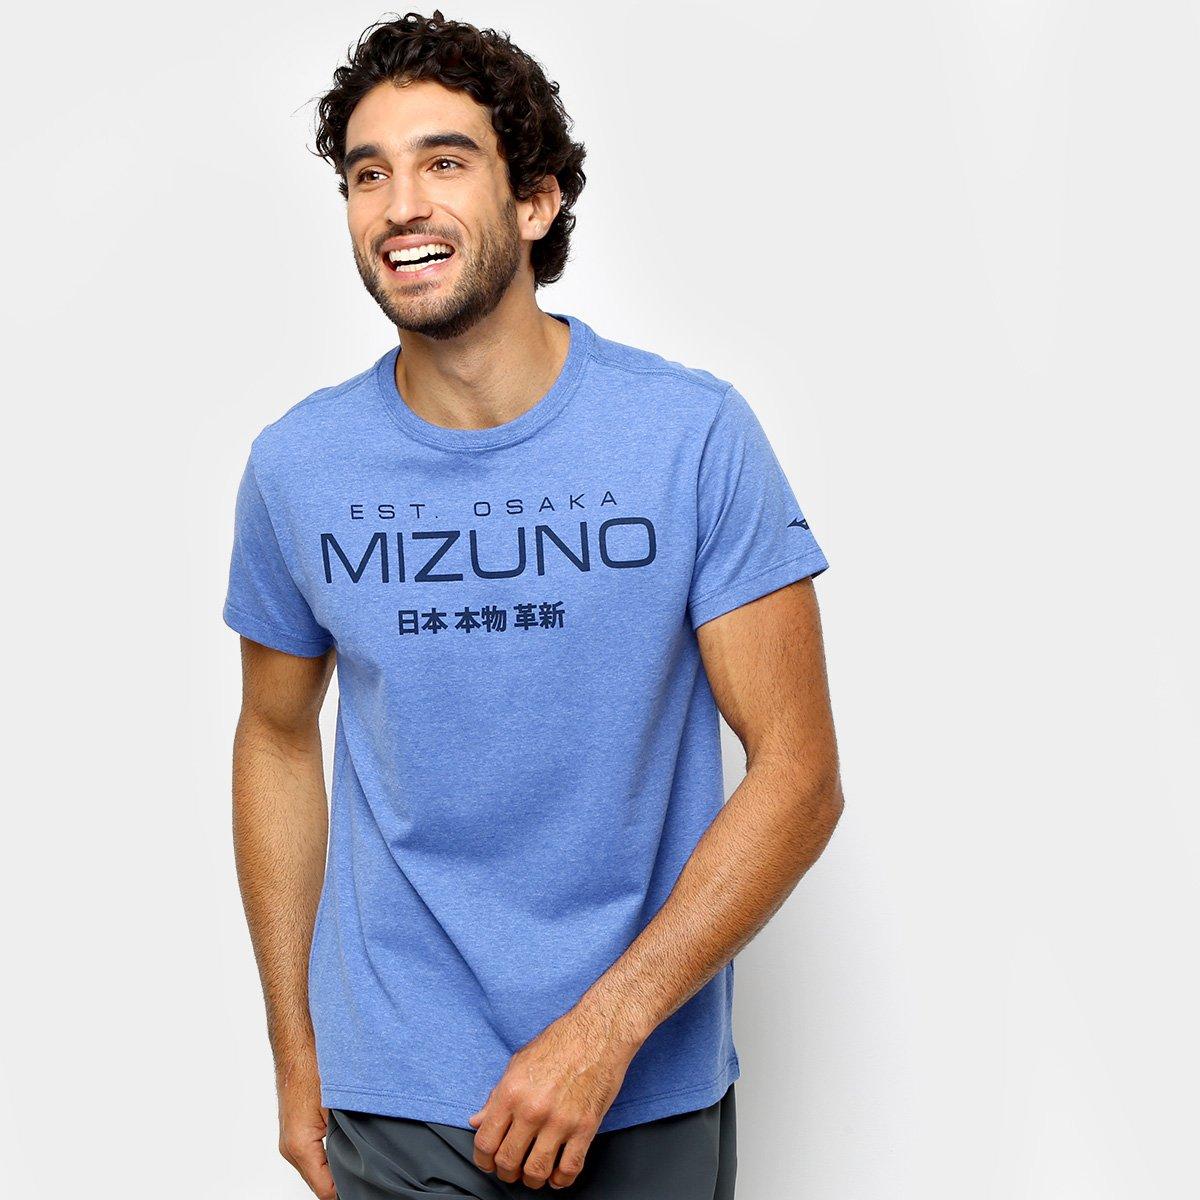 ca59e6c9a923a Camiseta Mizuno 1906 Kori Masculina - Azul e Cinza - Compre Agora ...